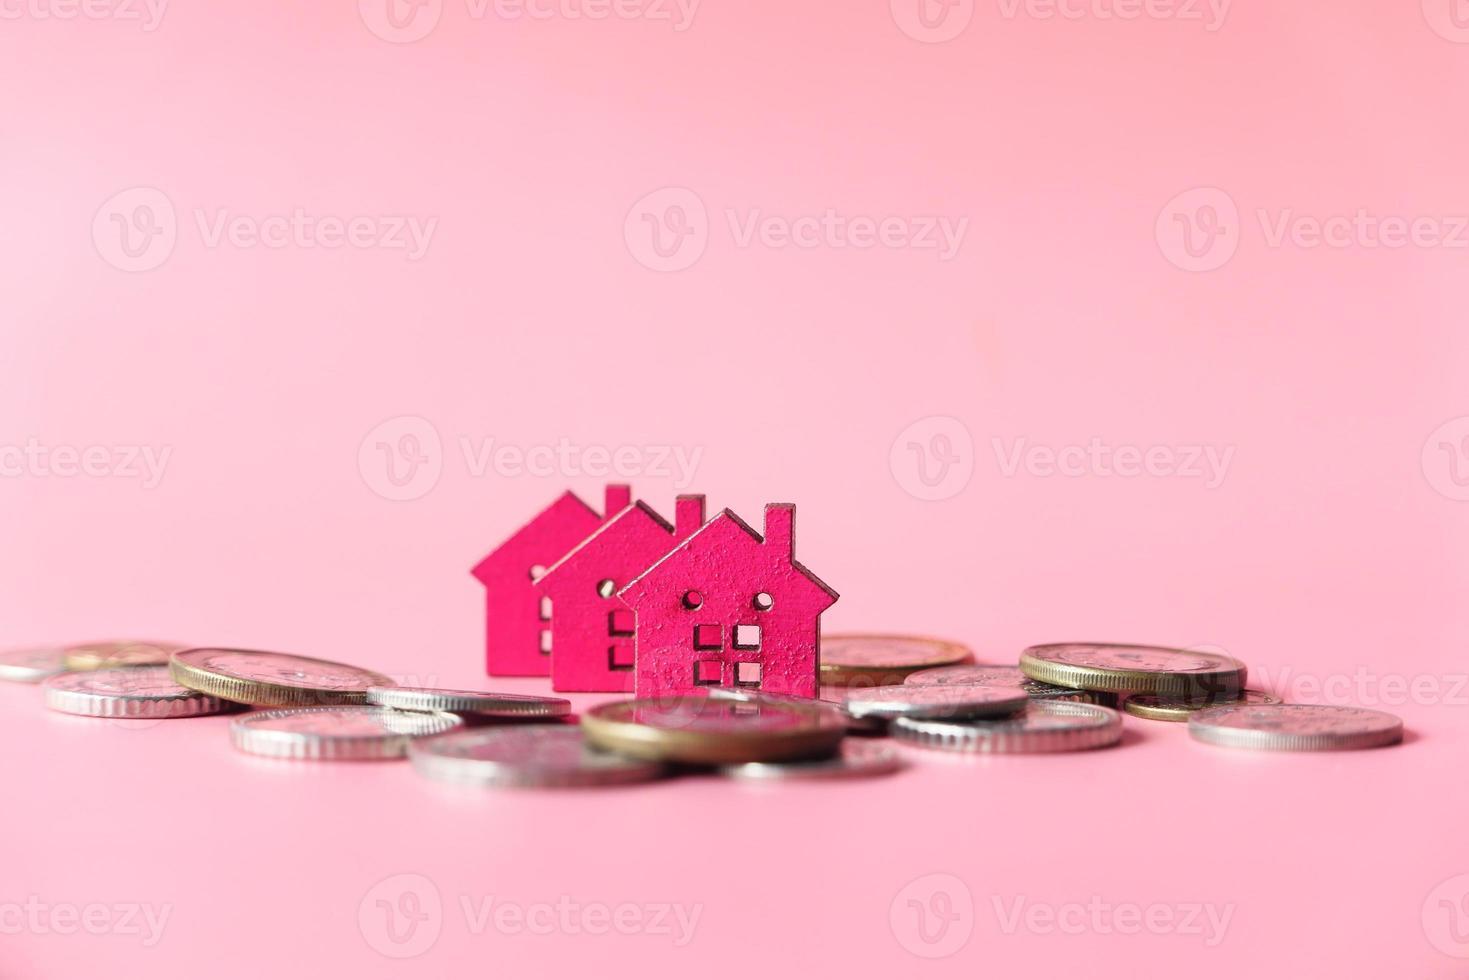 moedas e pequenas casas modelo foto